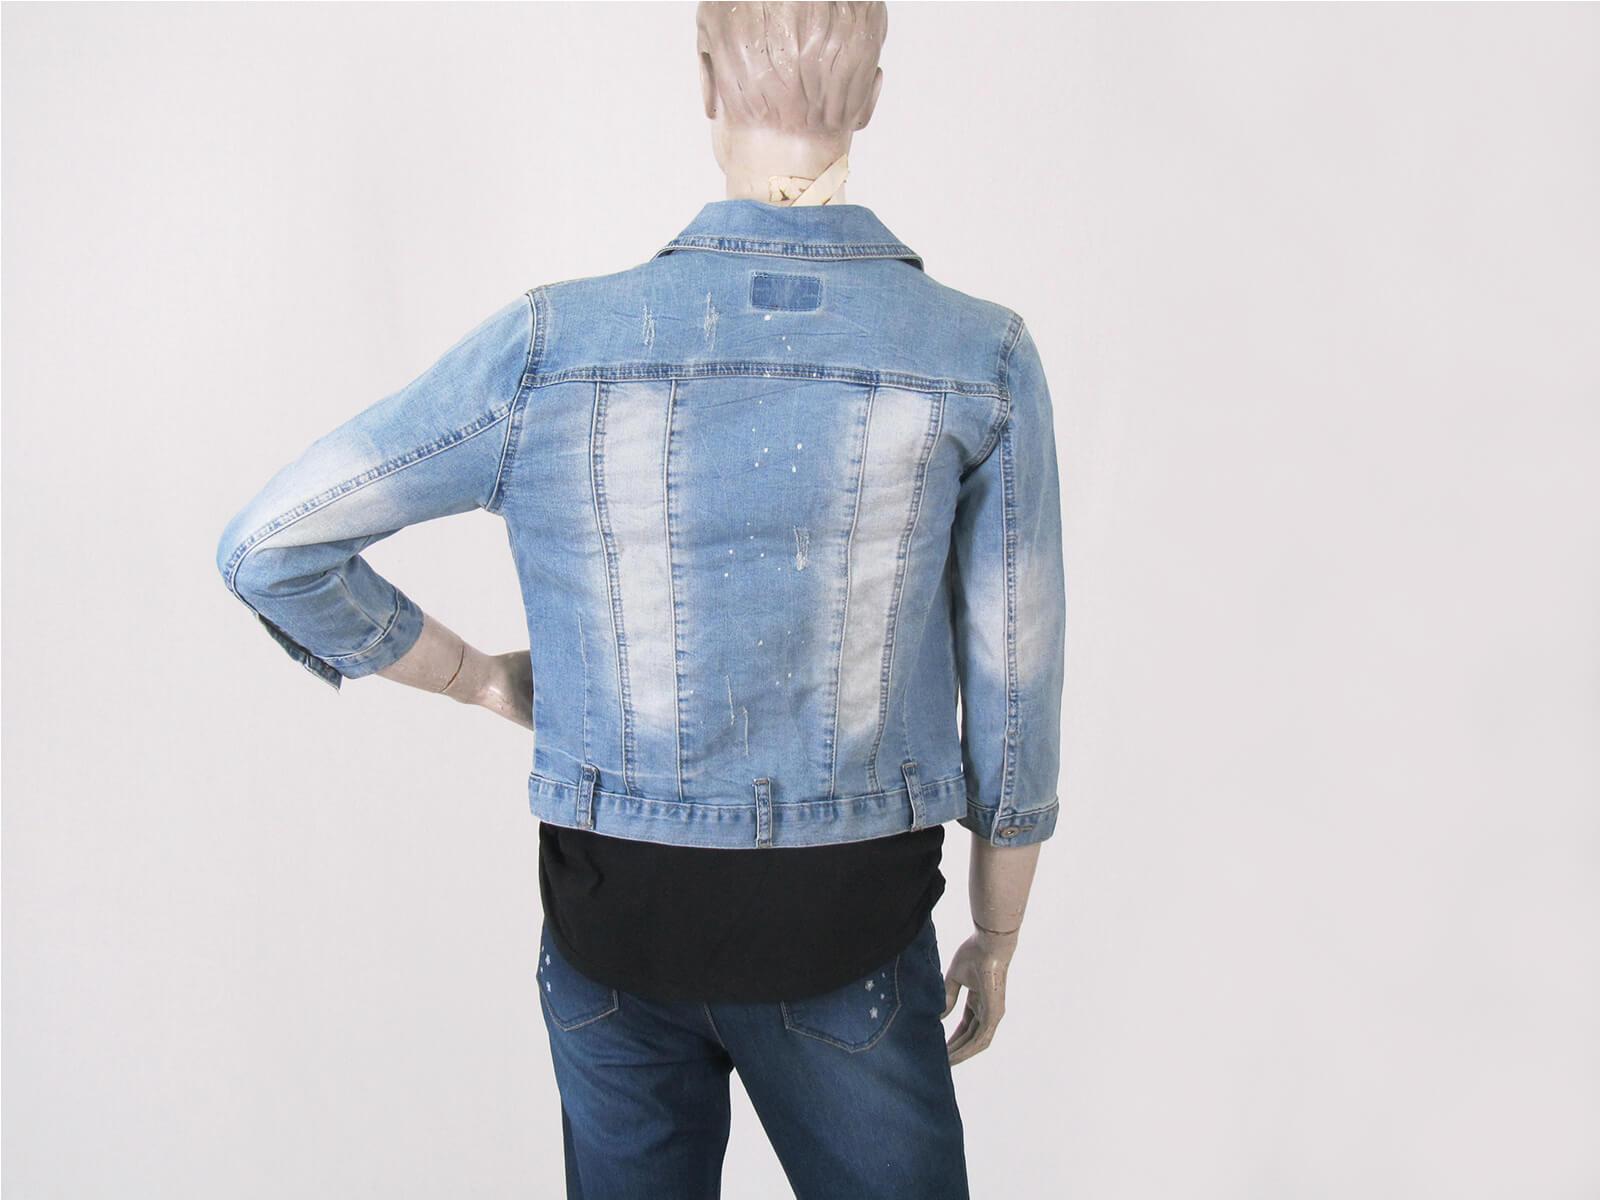 短版牛仔外套 單寧外套 七分袖 防曬外套 百搭外套 女款丹寧外套 擋風外套 夾克外套 實拍 DENIM JACKET (002-A136-32)淺牛仔 M、L 胸圍:36~38英吋 (女) [實體店面保障] sun-e 7